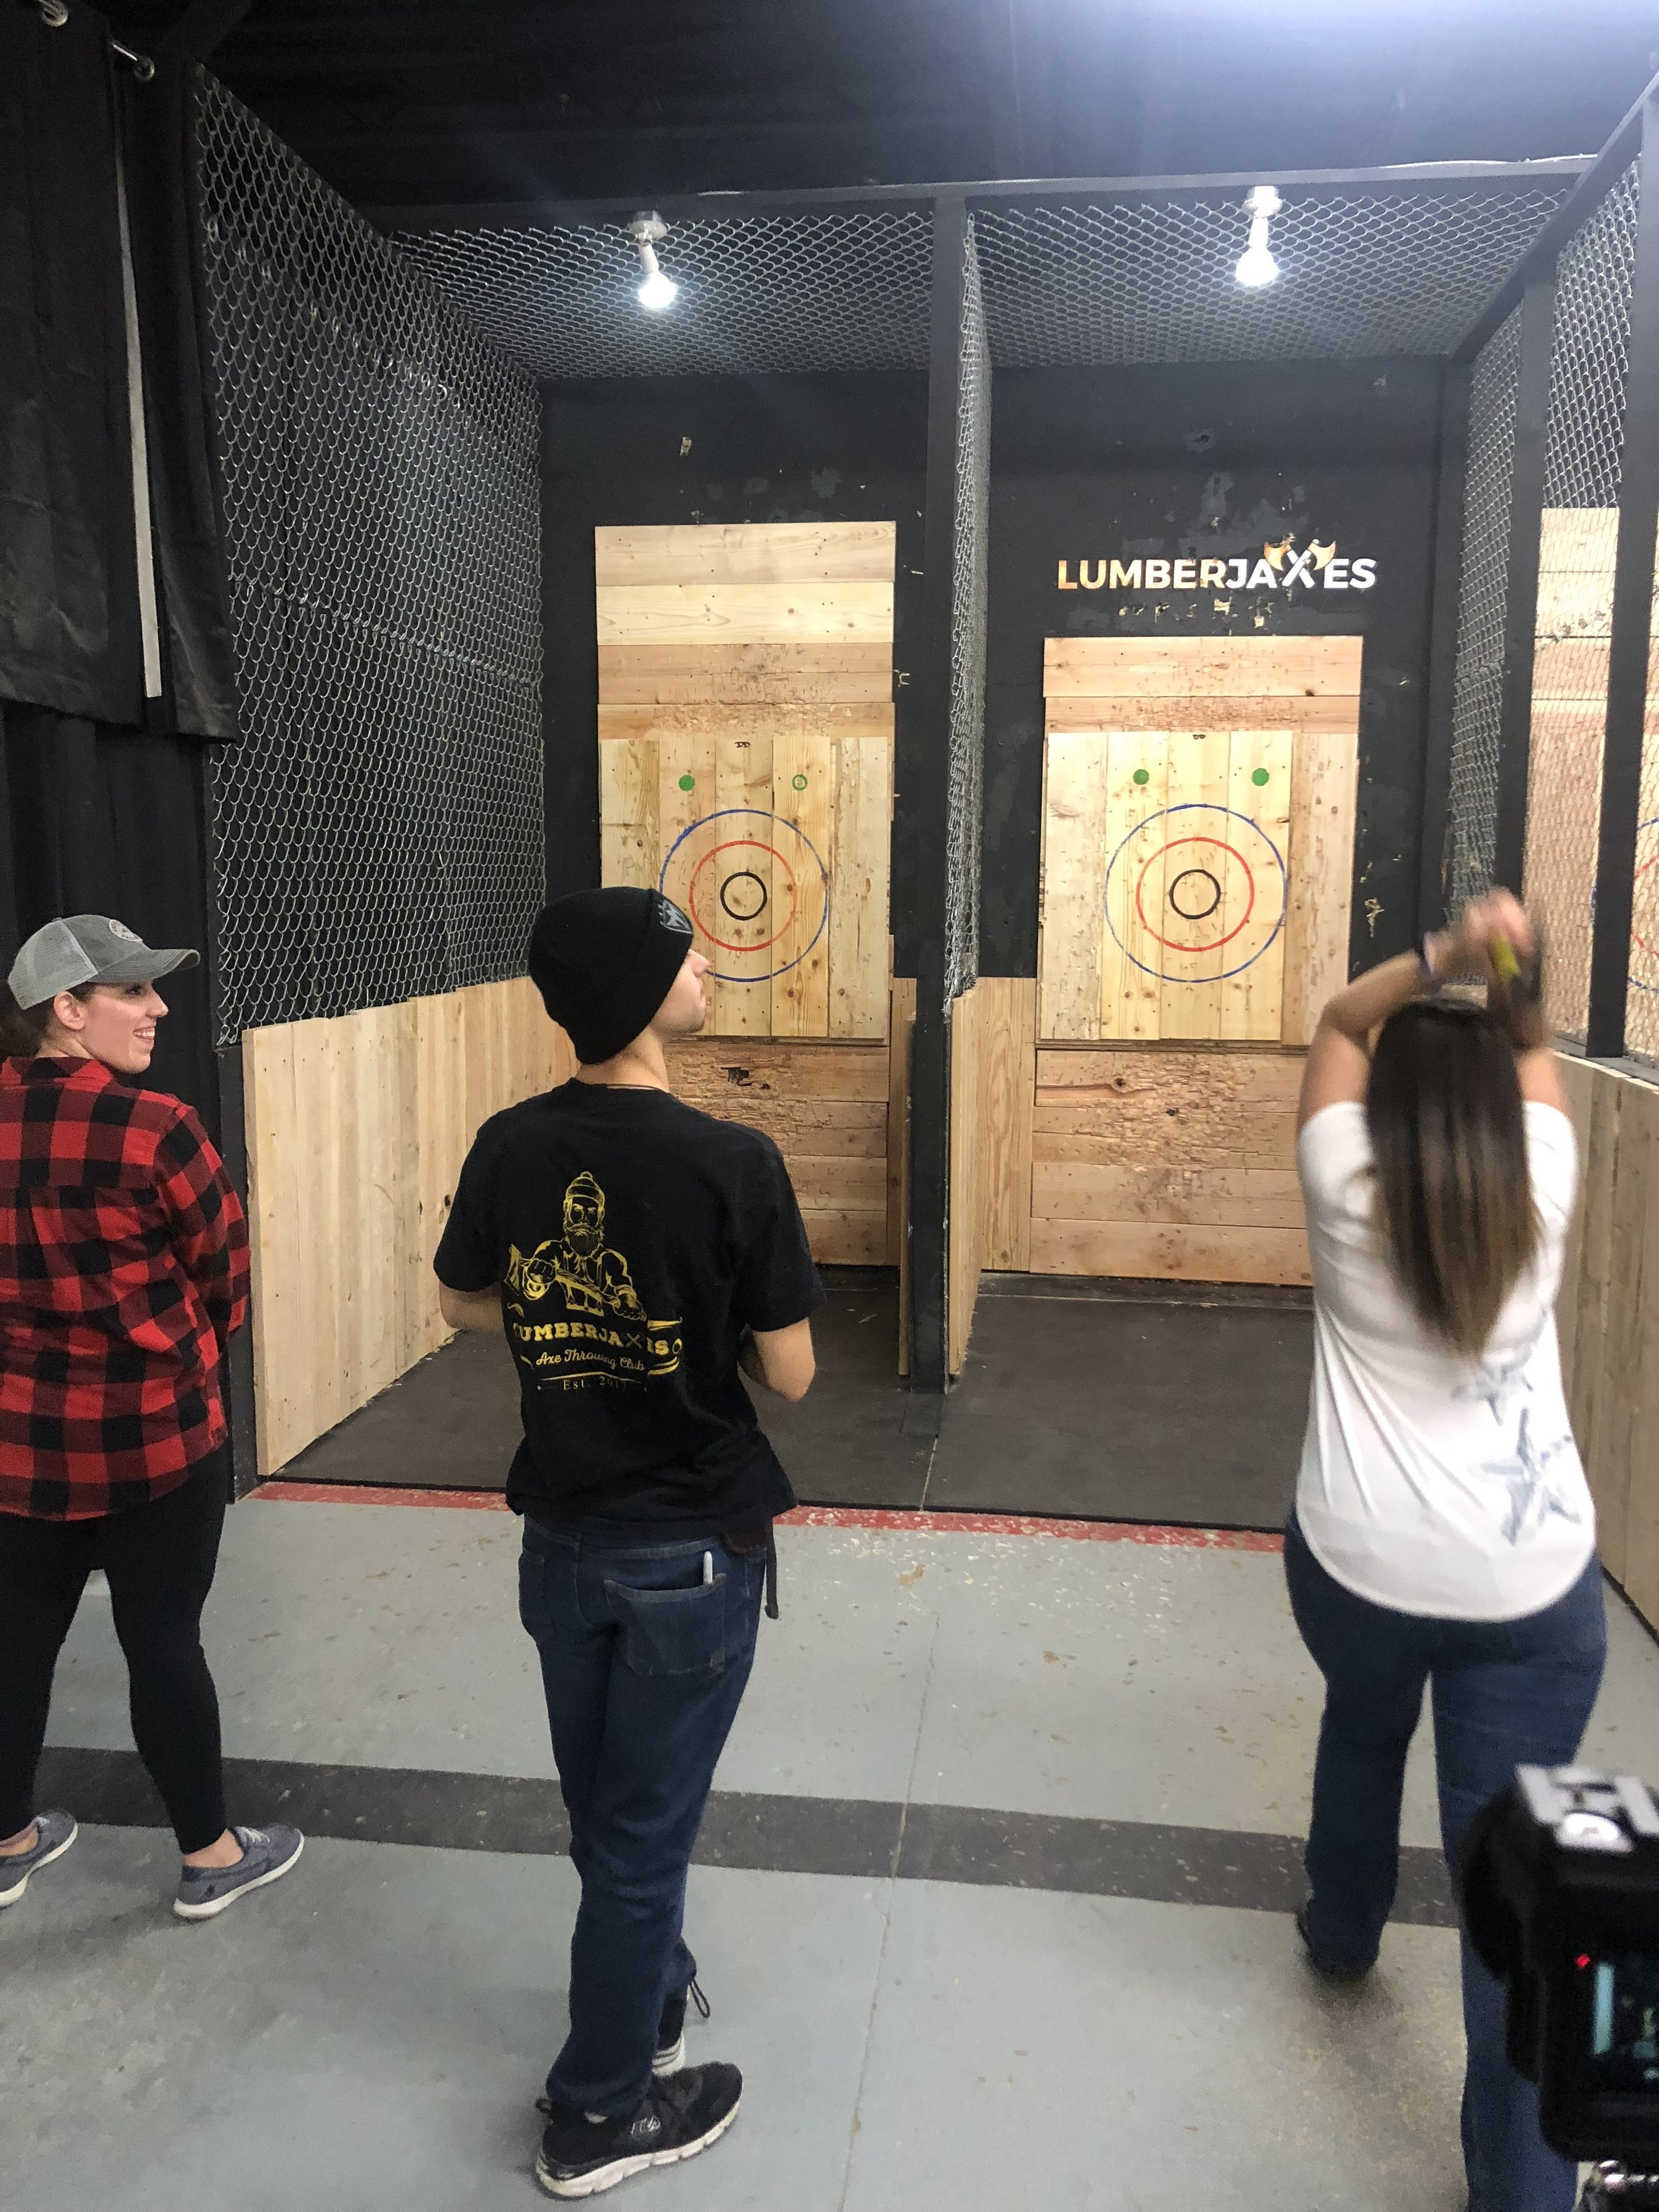 Lumberjaxes Axe Throwing